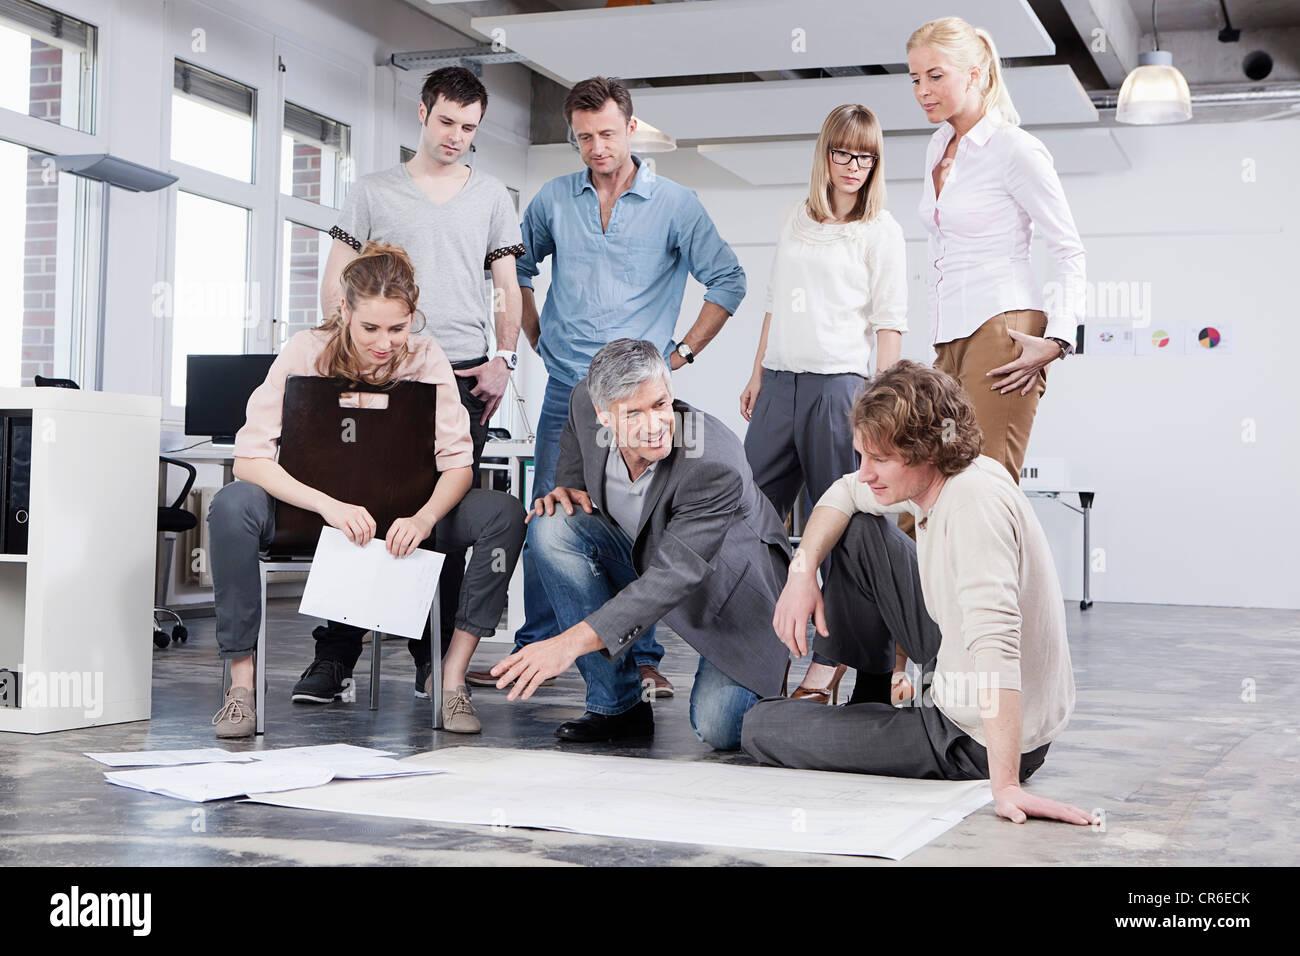 Deutschland, Bayern, München, Männer und Frauen diskutieren im Büro Stockbild